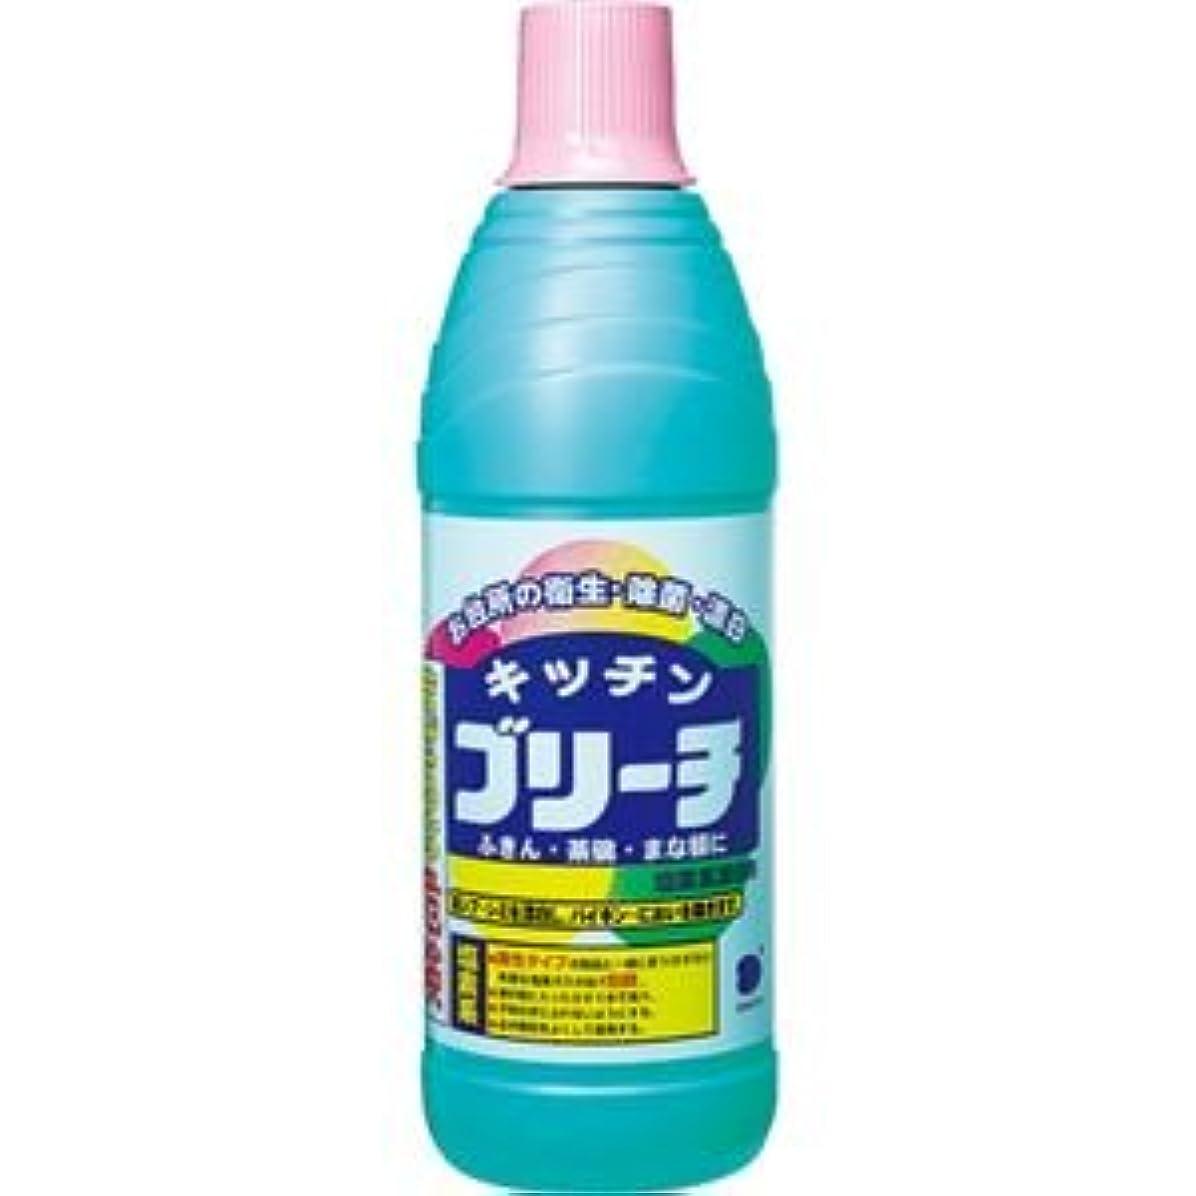 未使用ささやきどれか(まとめ) 第一石鹸 キッチンブリーチ 600ml 1本 【×40セット】